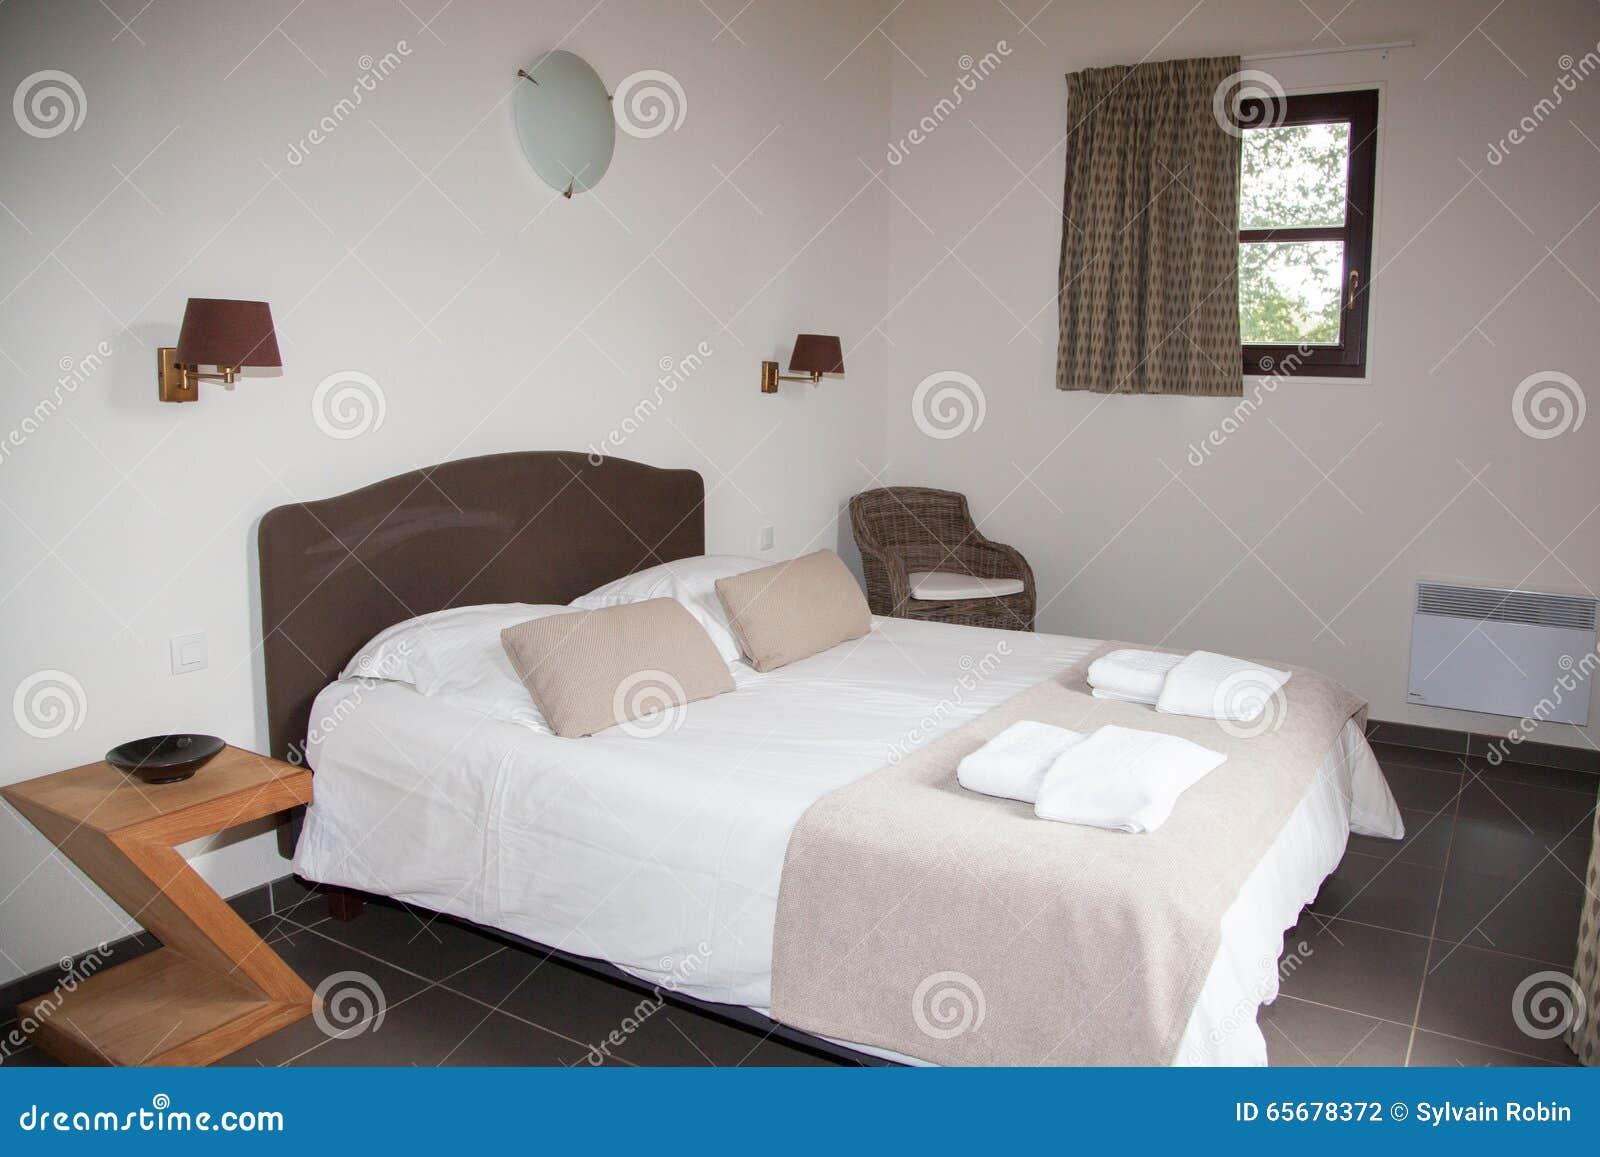 Download Doppelbett Im Schlafzimmer Mit Schreibtisch Lampe Nahe Ihr  Stockfoto   Bild Von Schreibtisch,